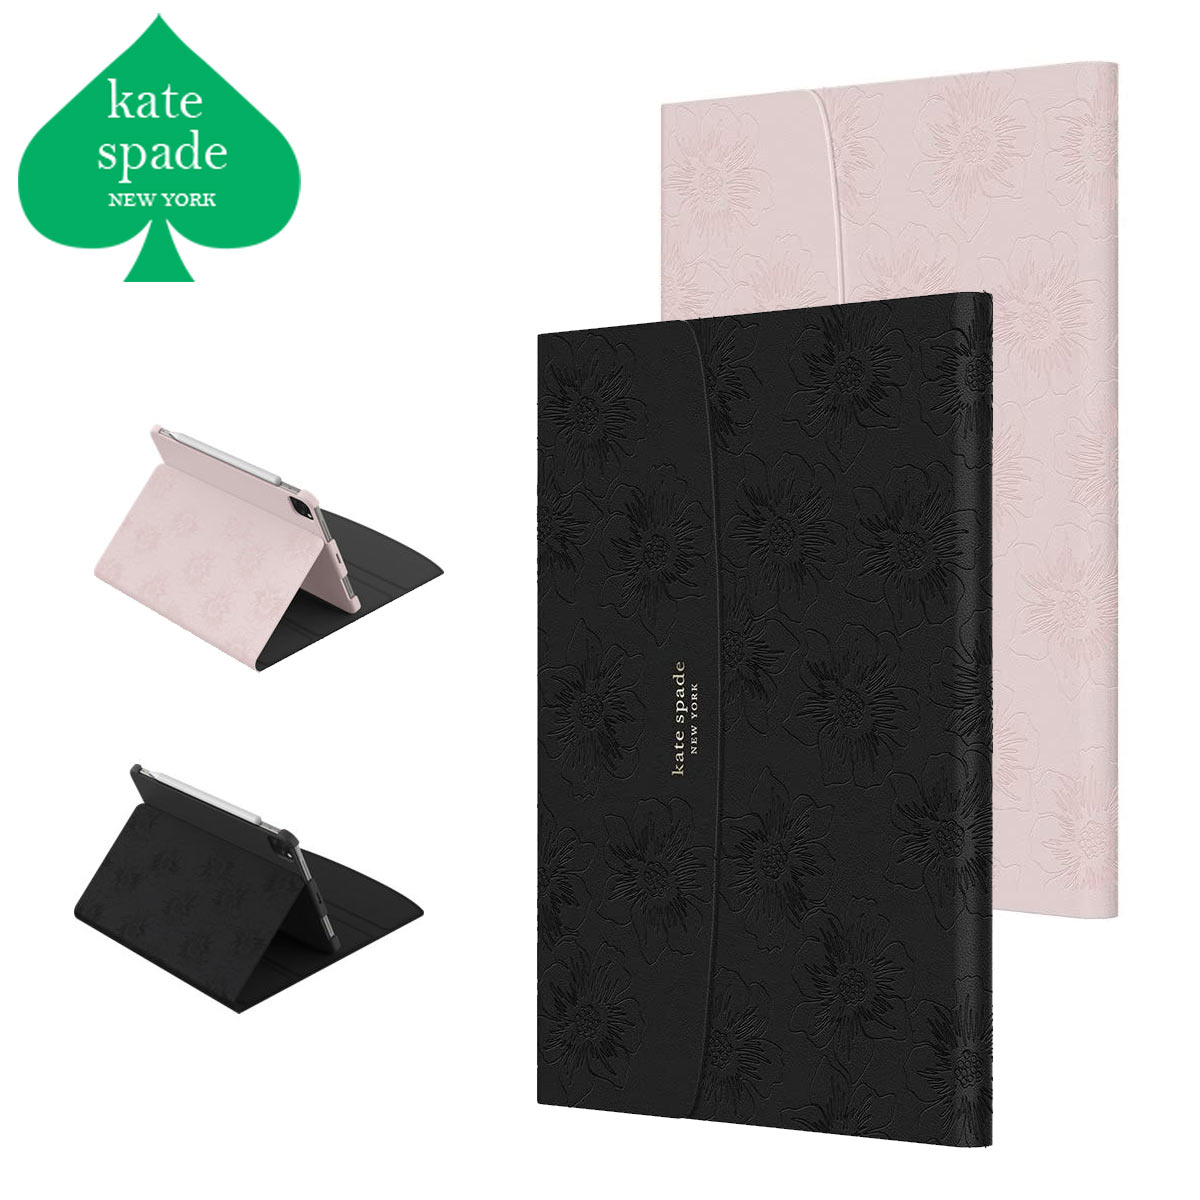 ケイトスペード iPad ケース 11インチ Pro air4 希少 ペン収納 高品質 可愛い スタンド Kate Spade